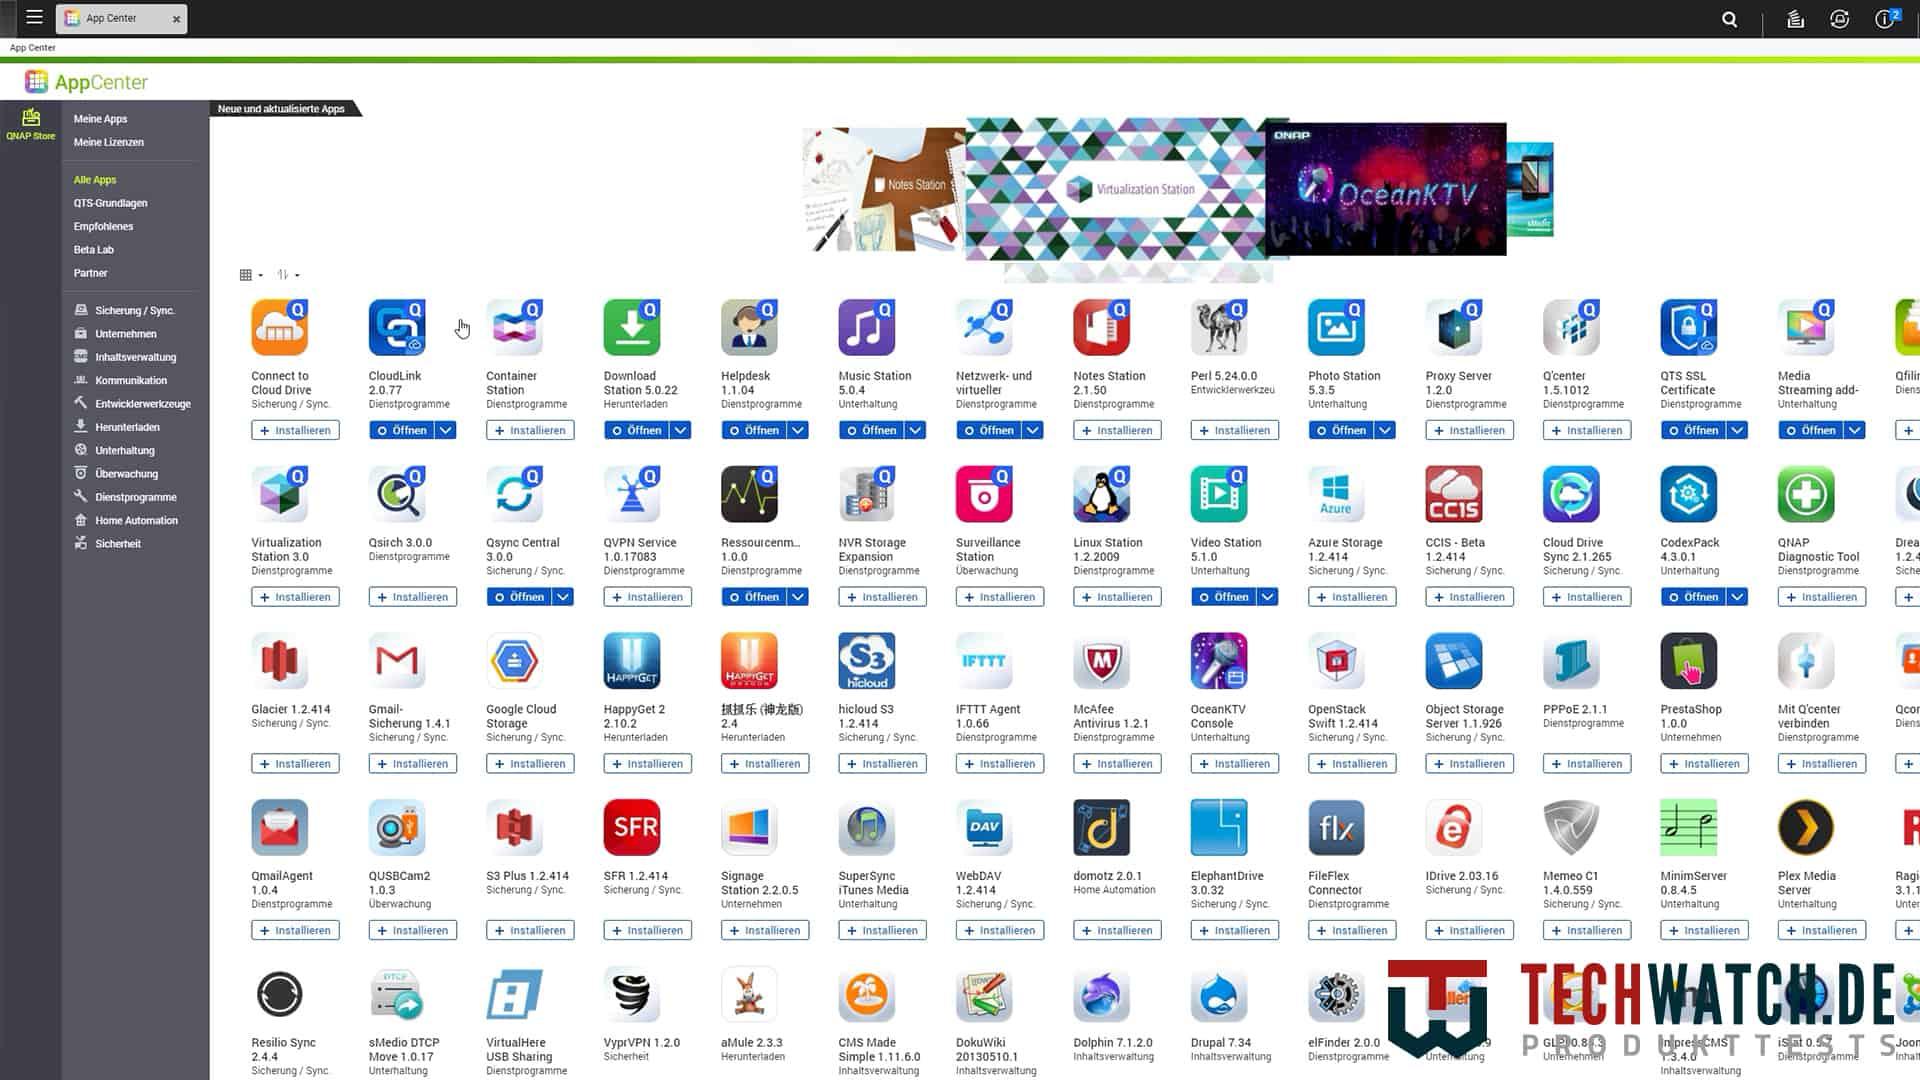 QNAP TS-251+ App Store